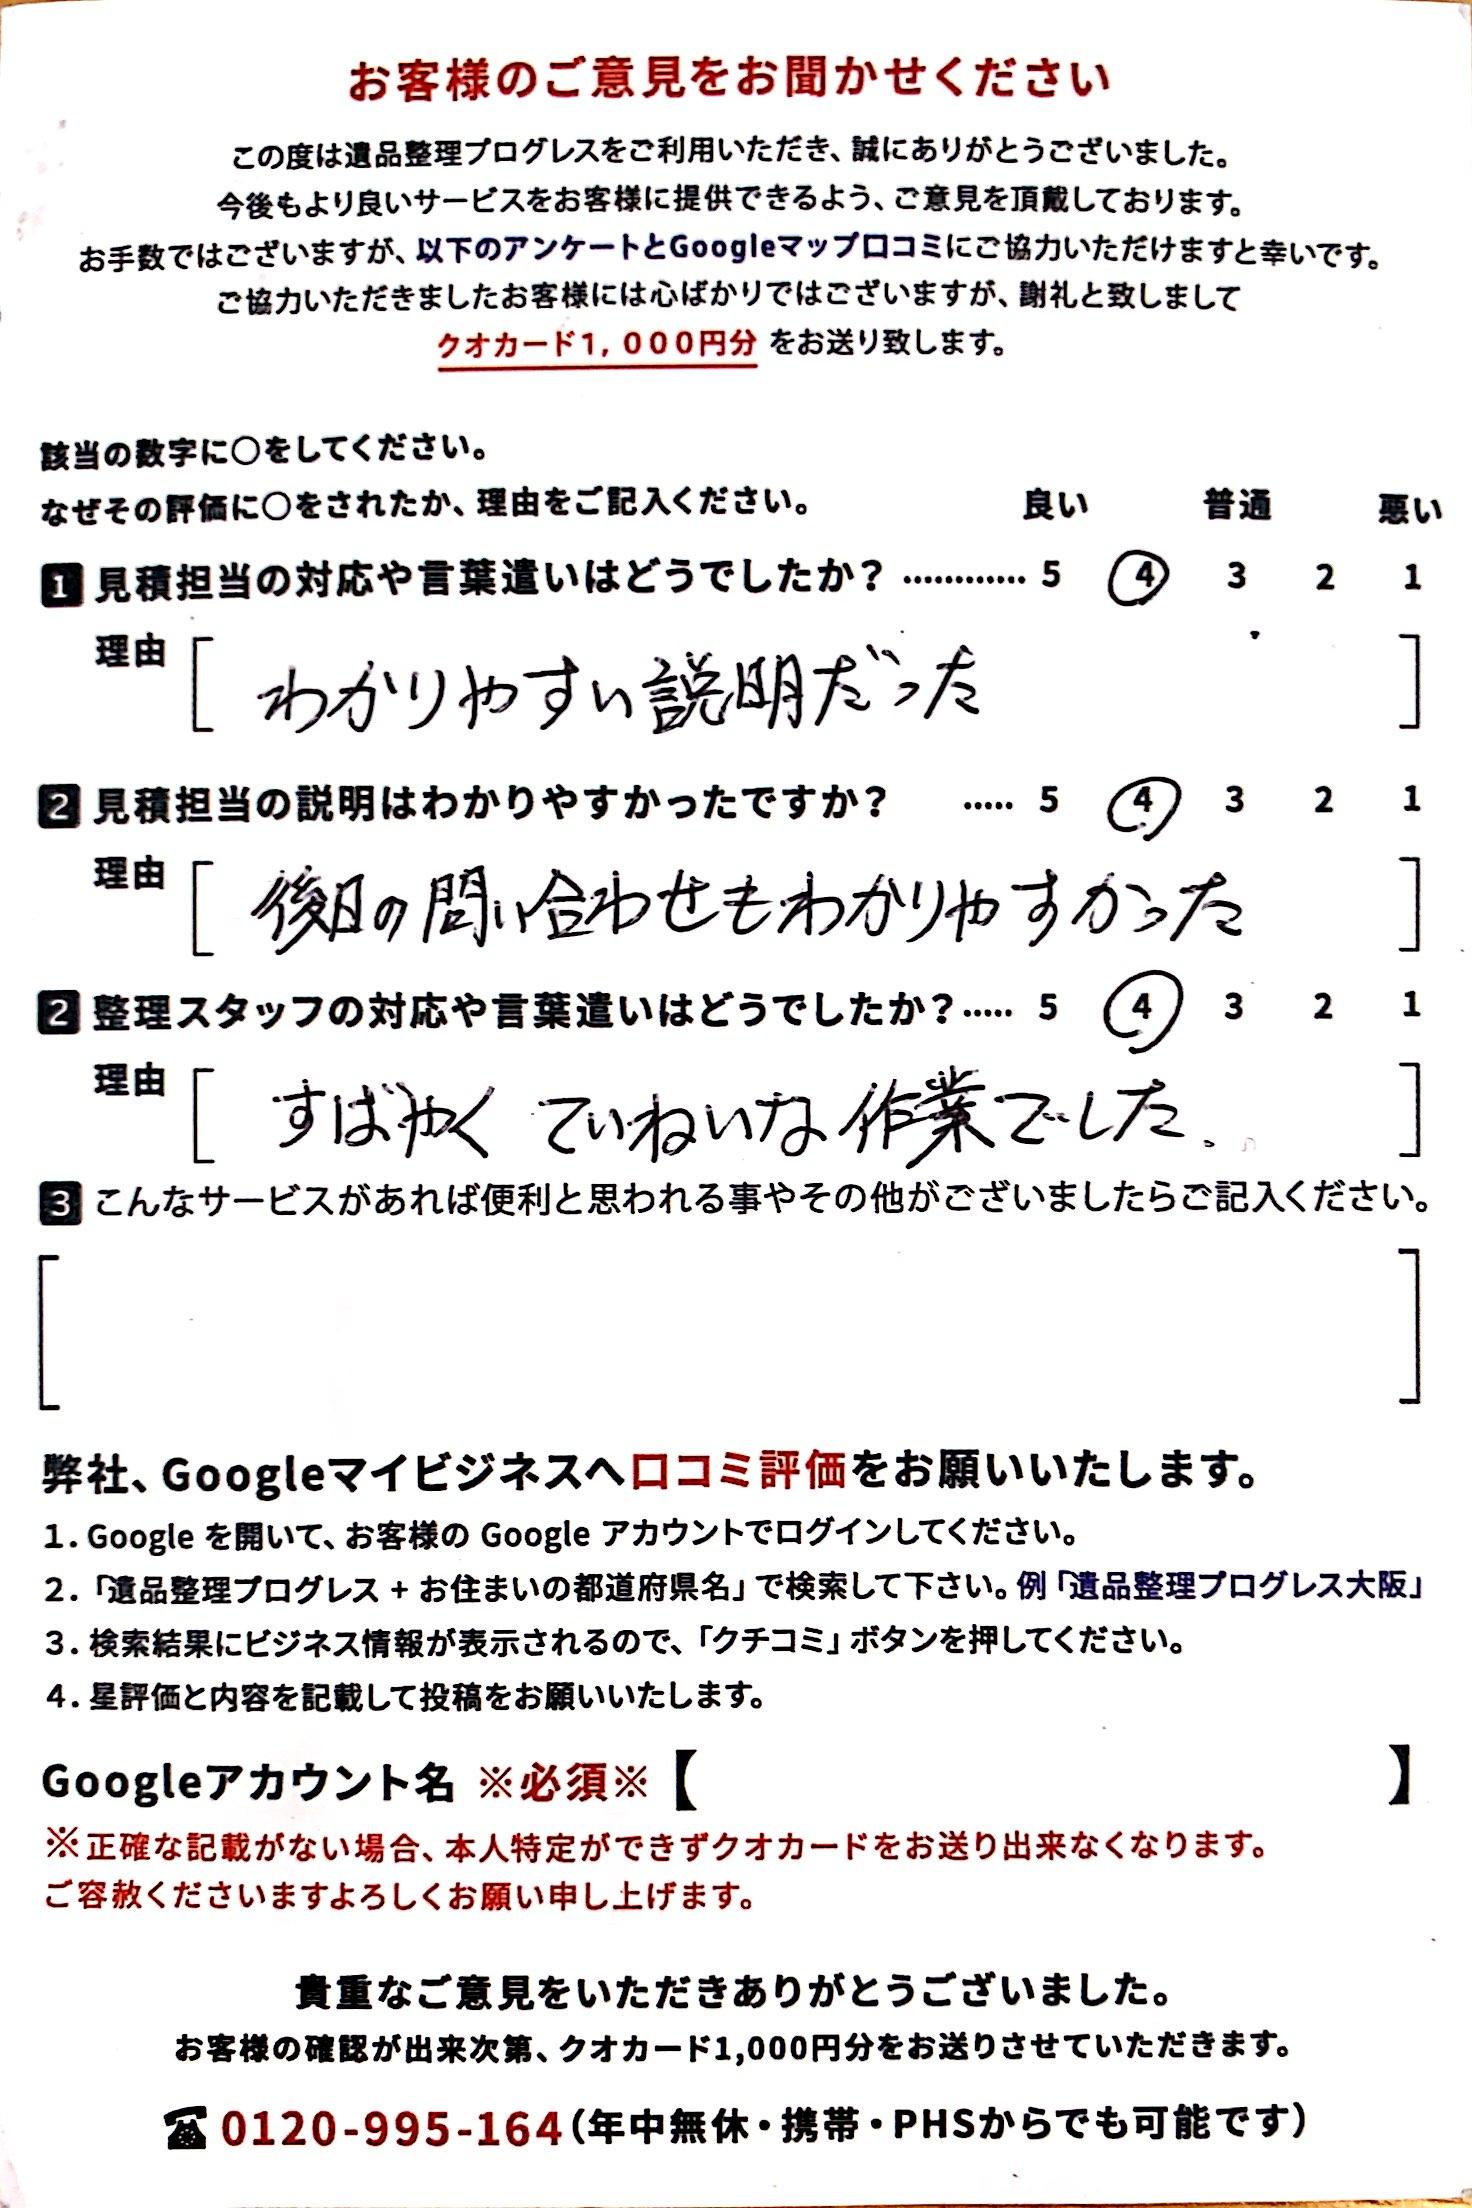 秋田県秋田市 Ⅿ・J様のアンケート用紙